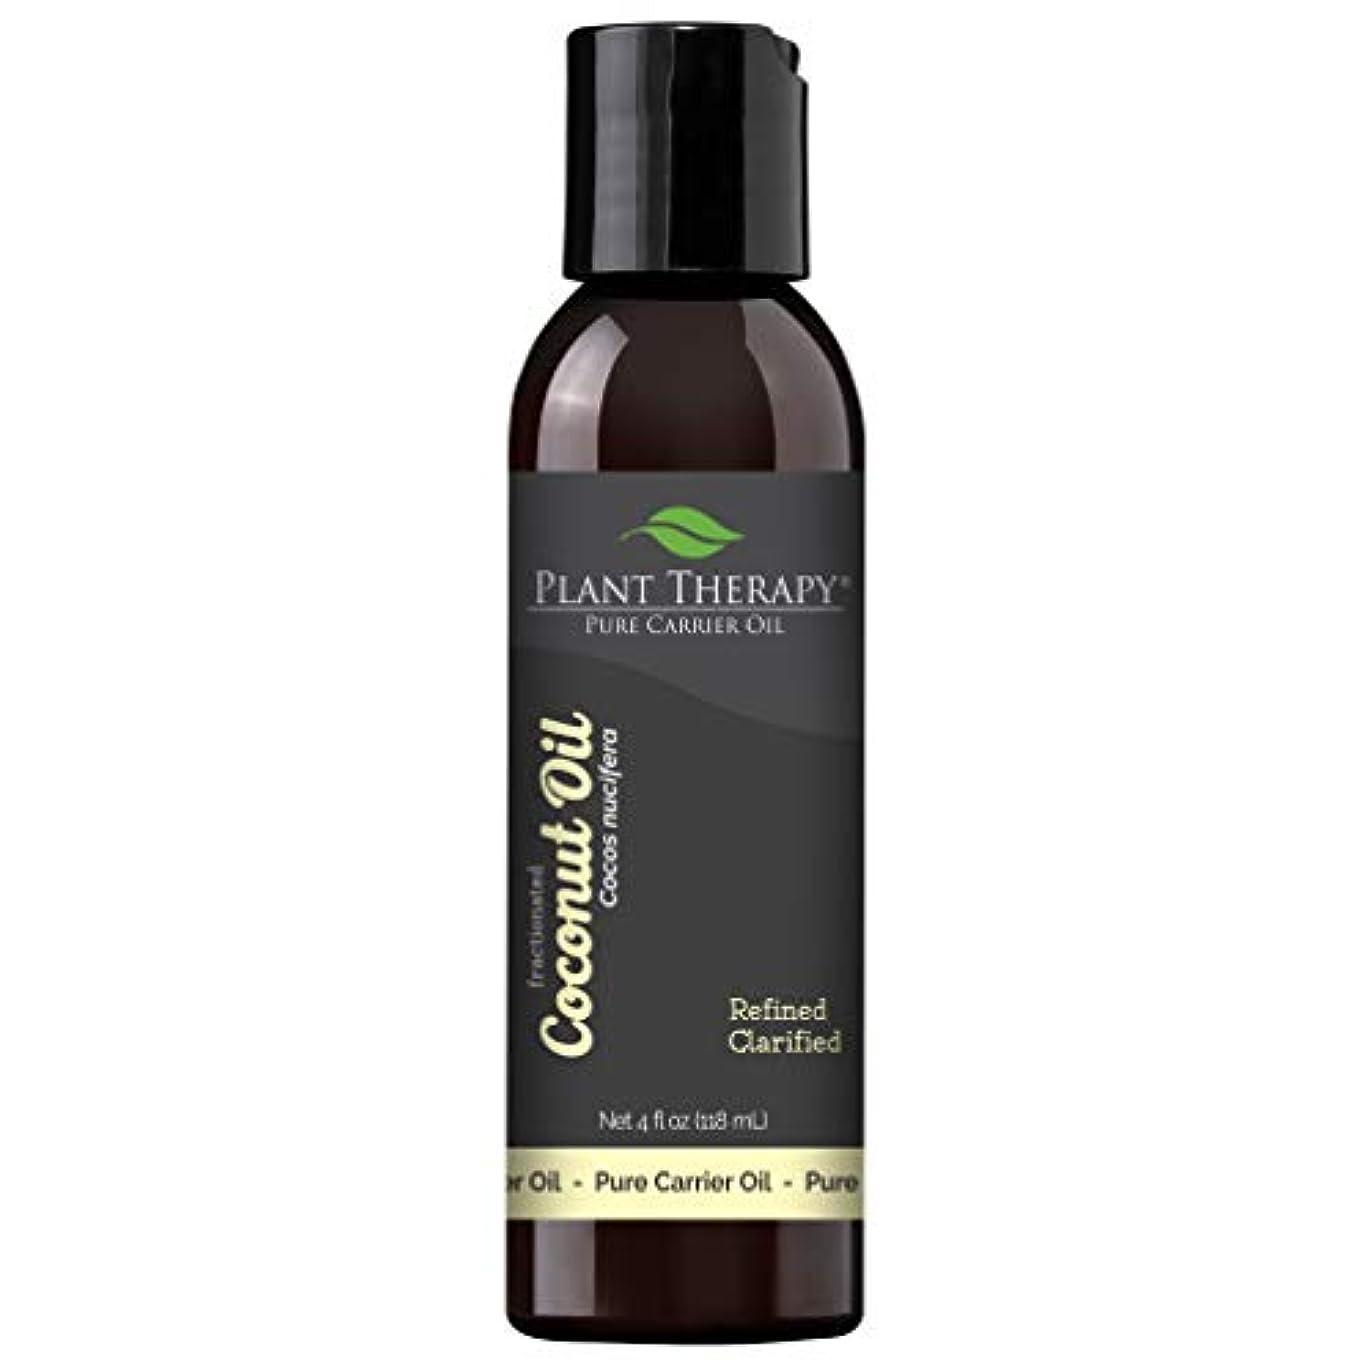 計算急襲ミネラルPlant Therapy Essential Oils (プラントセラピー エッセンシャルオイル) ココナッツ (分別蒸留) 4 オンス キャリアオイル